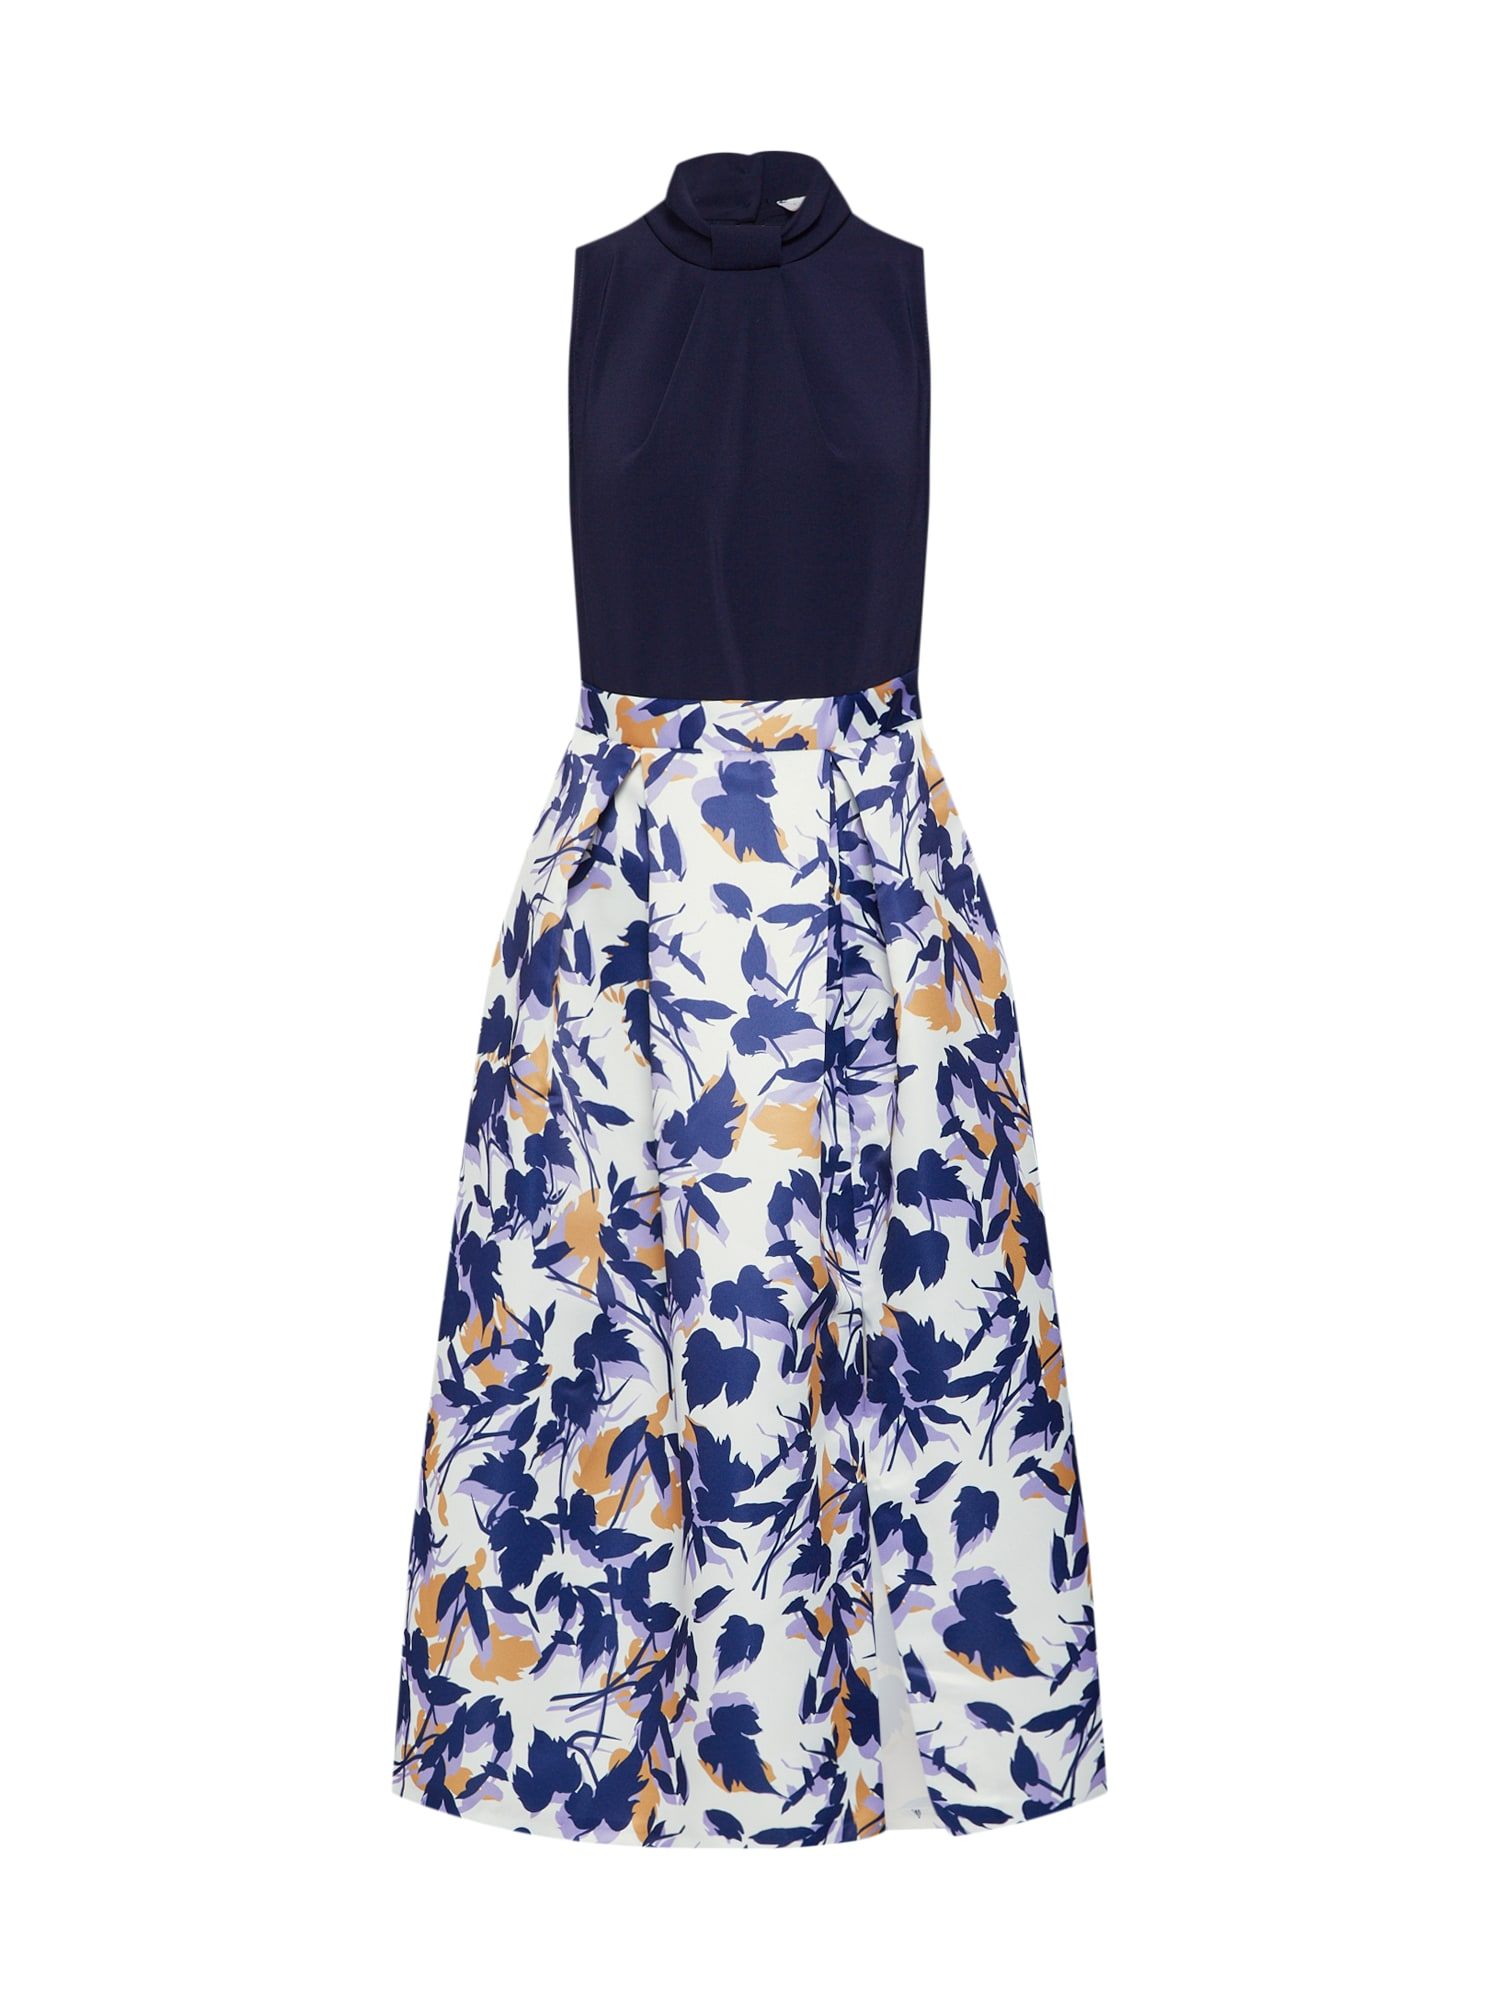 Šaty Closet Gold námořnická modř bílá Closet London